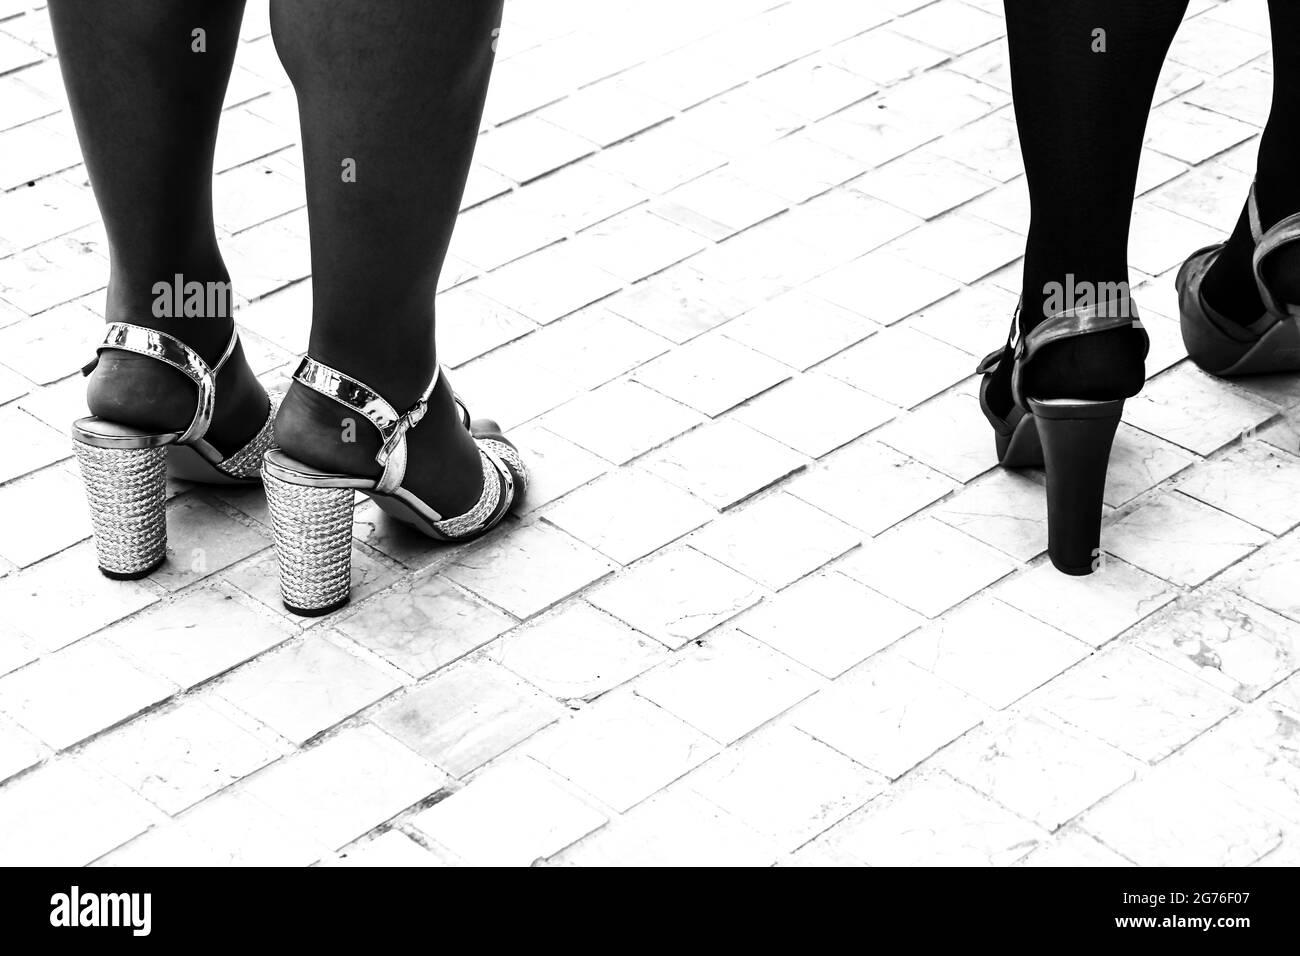 Donne voluminose con tacchi da festa. Immagine monocromatica. Foto Stock